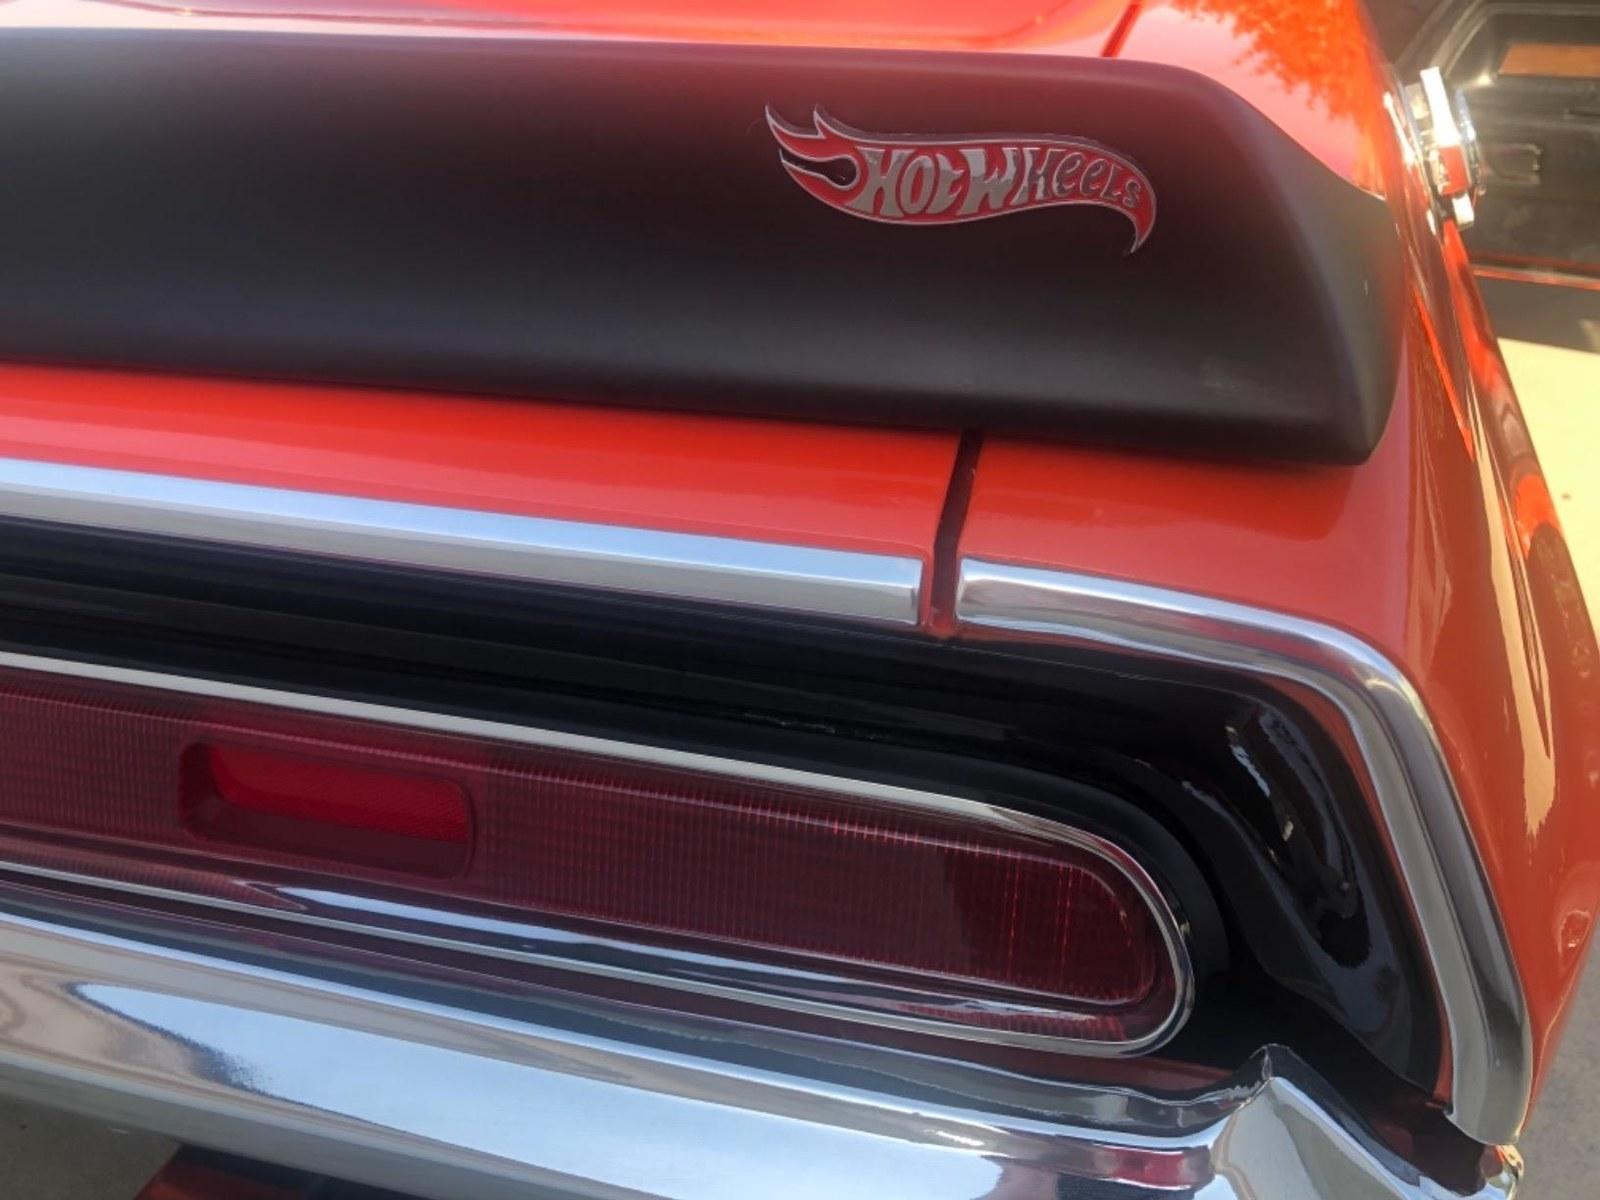 hot wheels logo on car